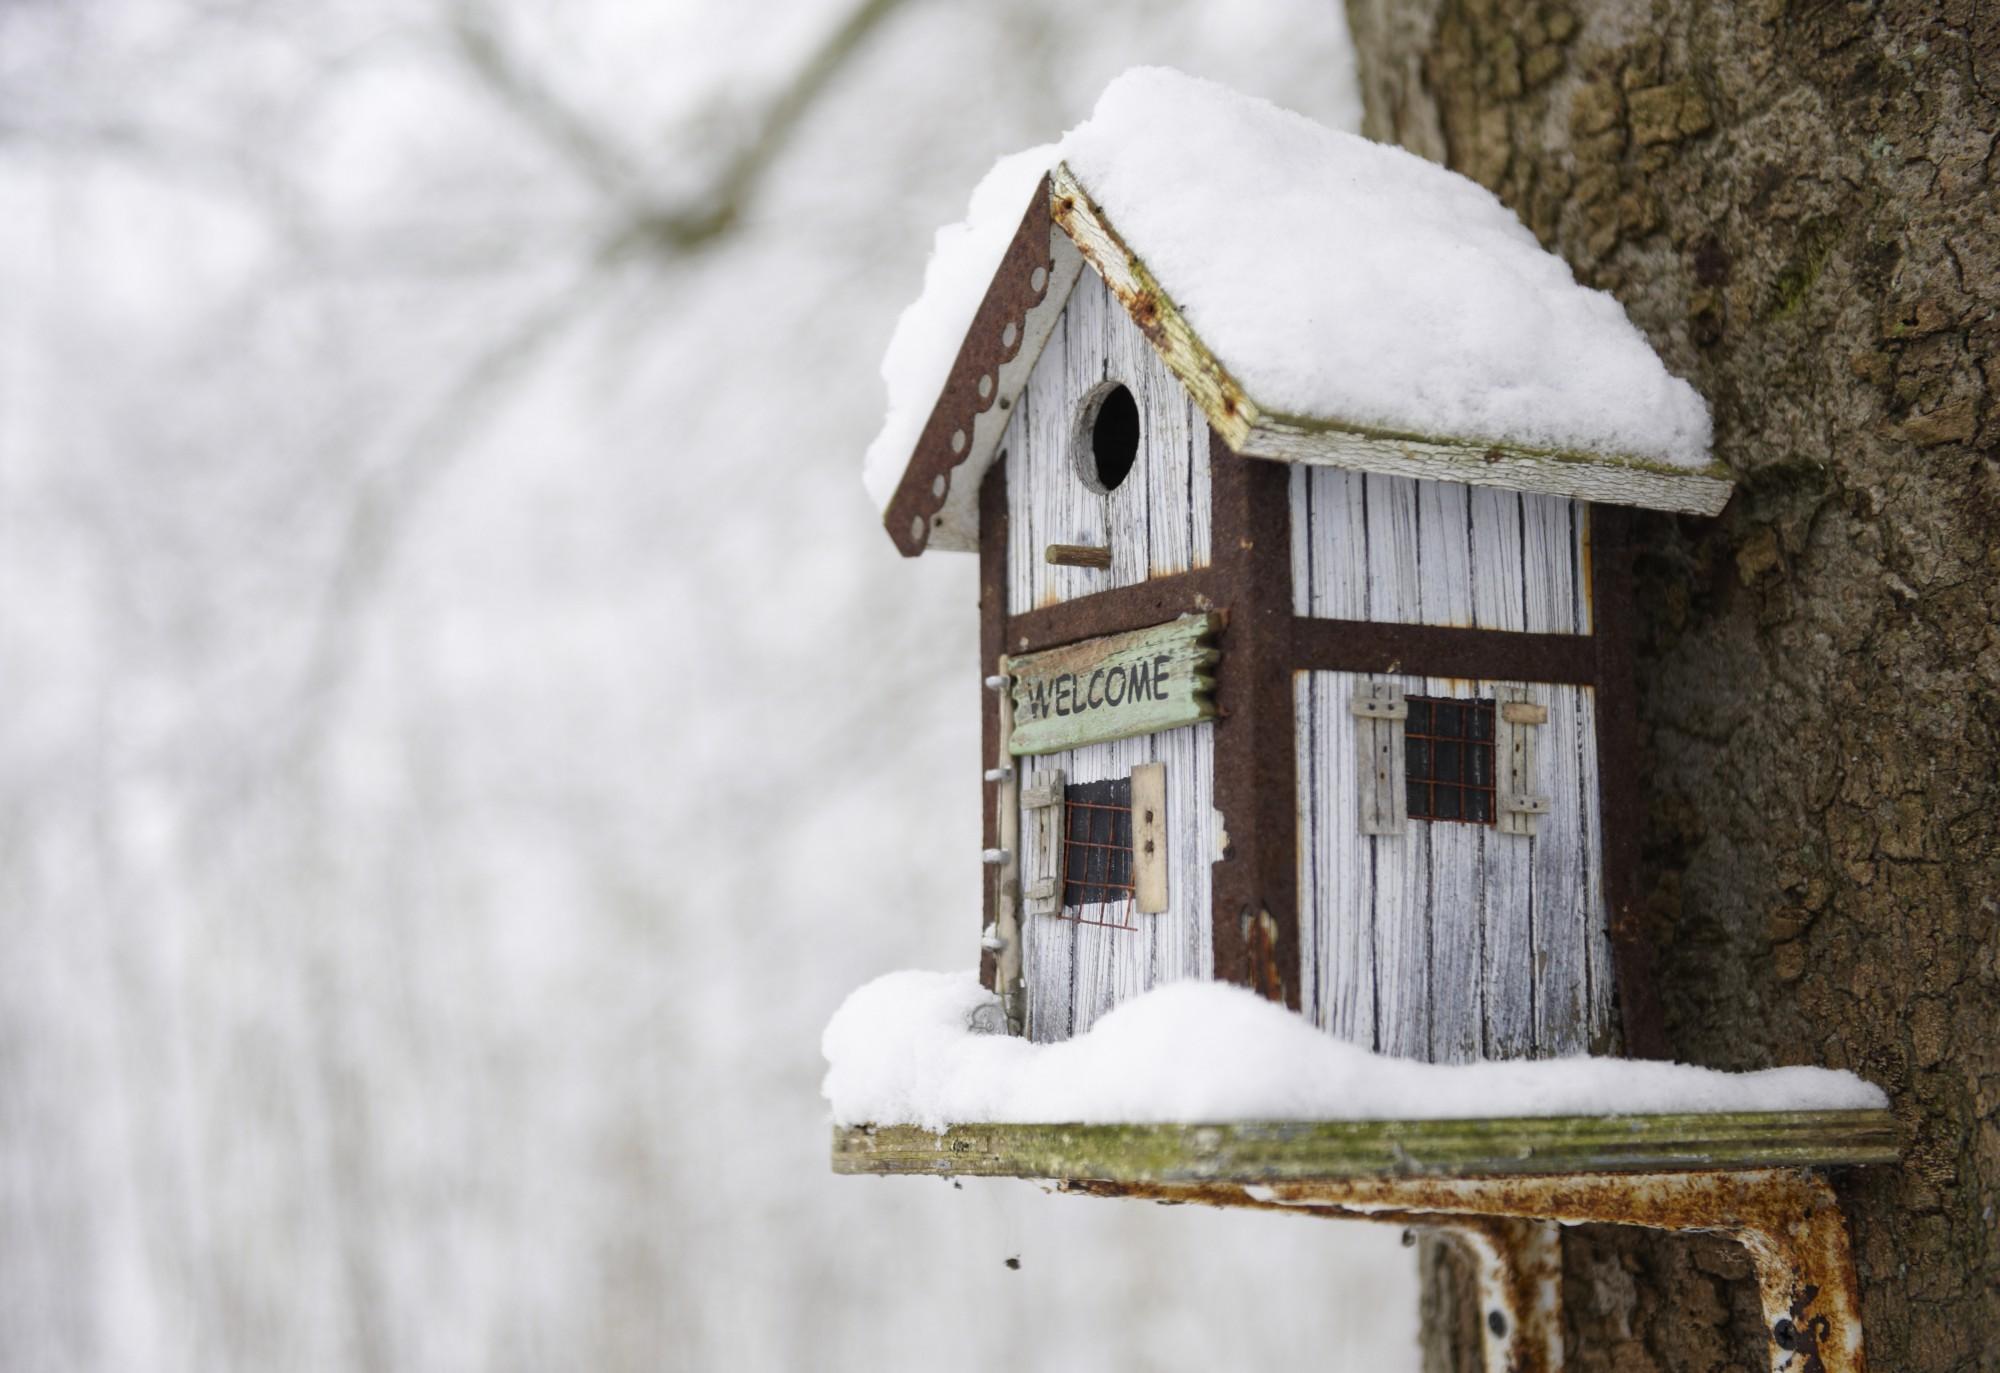 9. Consejos prácticos para aislarte del frío (y no gastar en calefacción)